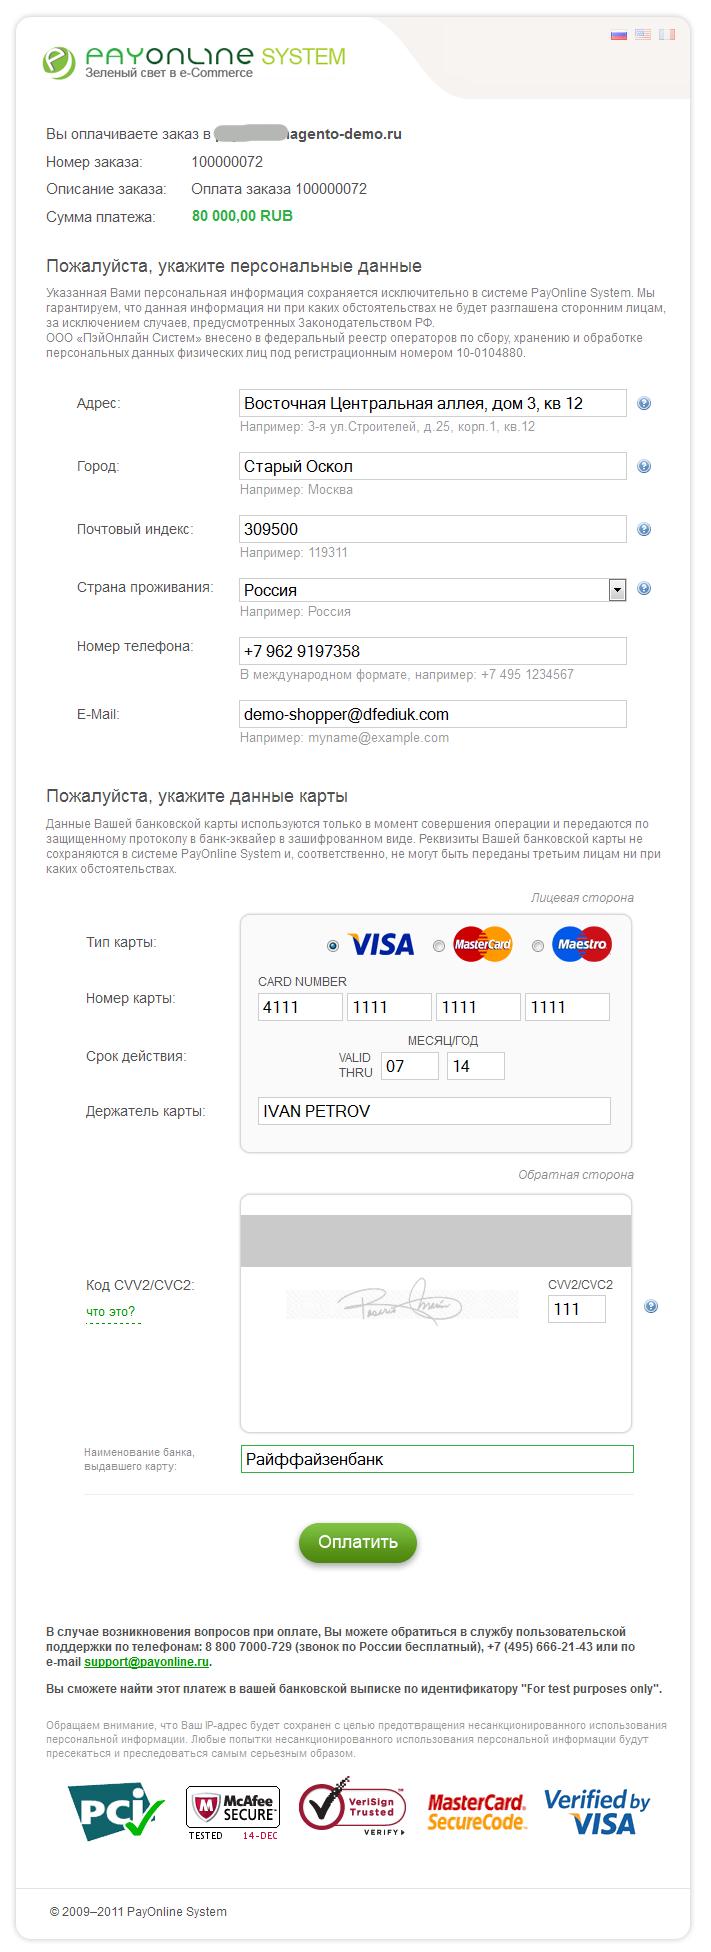 Прикрепленное изображение: magento-payonline-payment-module-sample-3.png